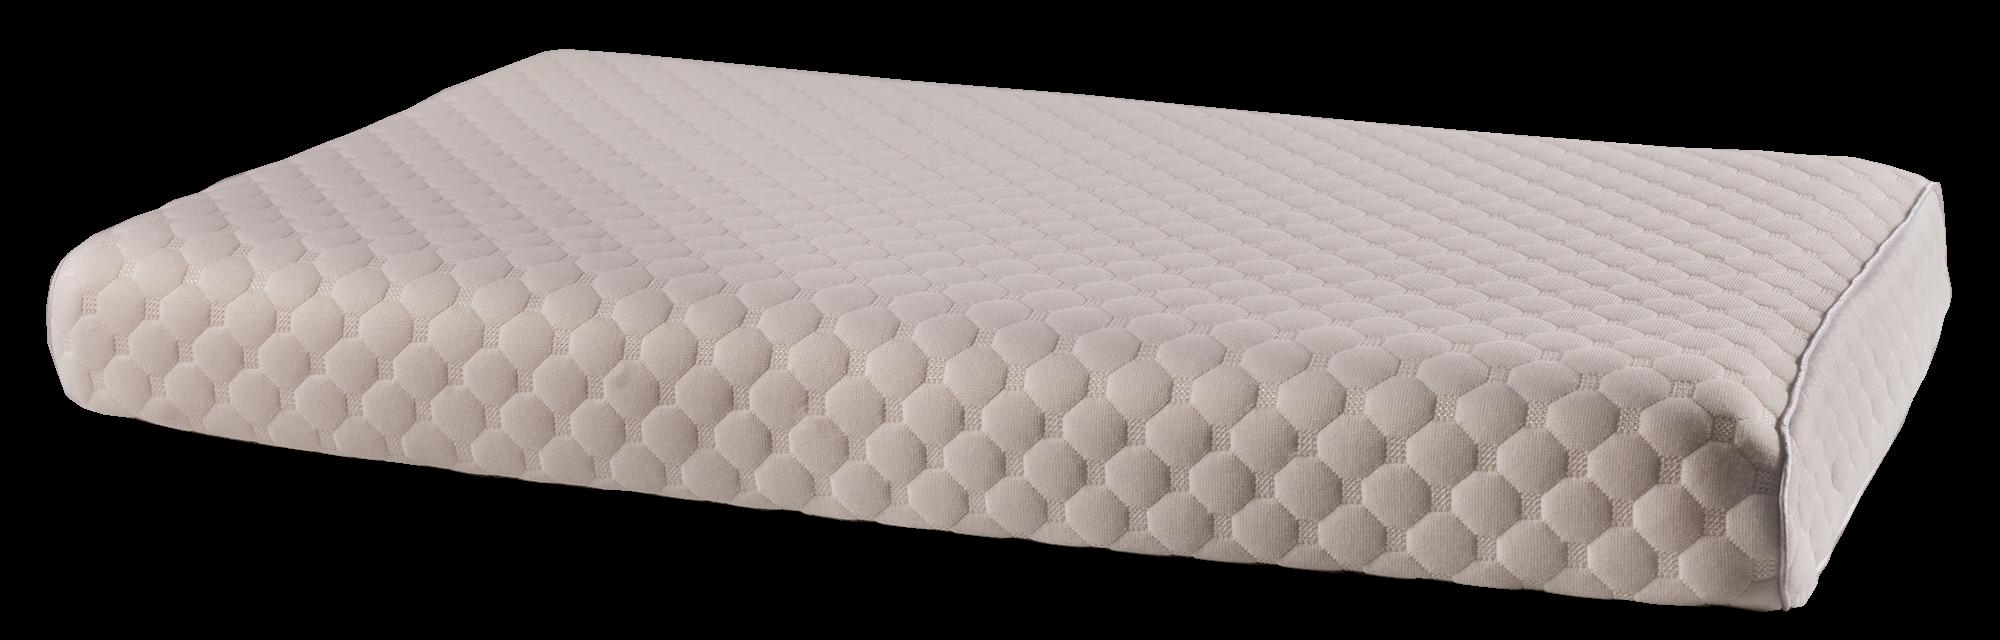 Ортопедическая подушка   с эффектом памяти  (j2530) - 3